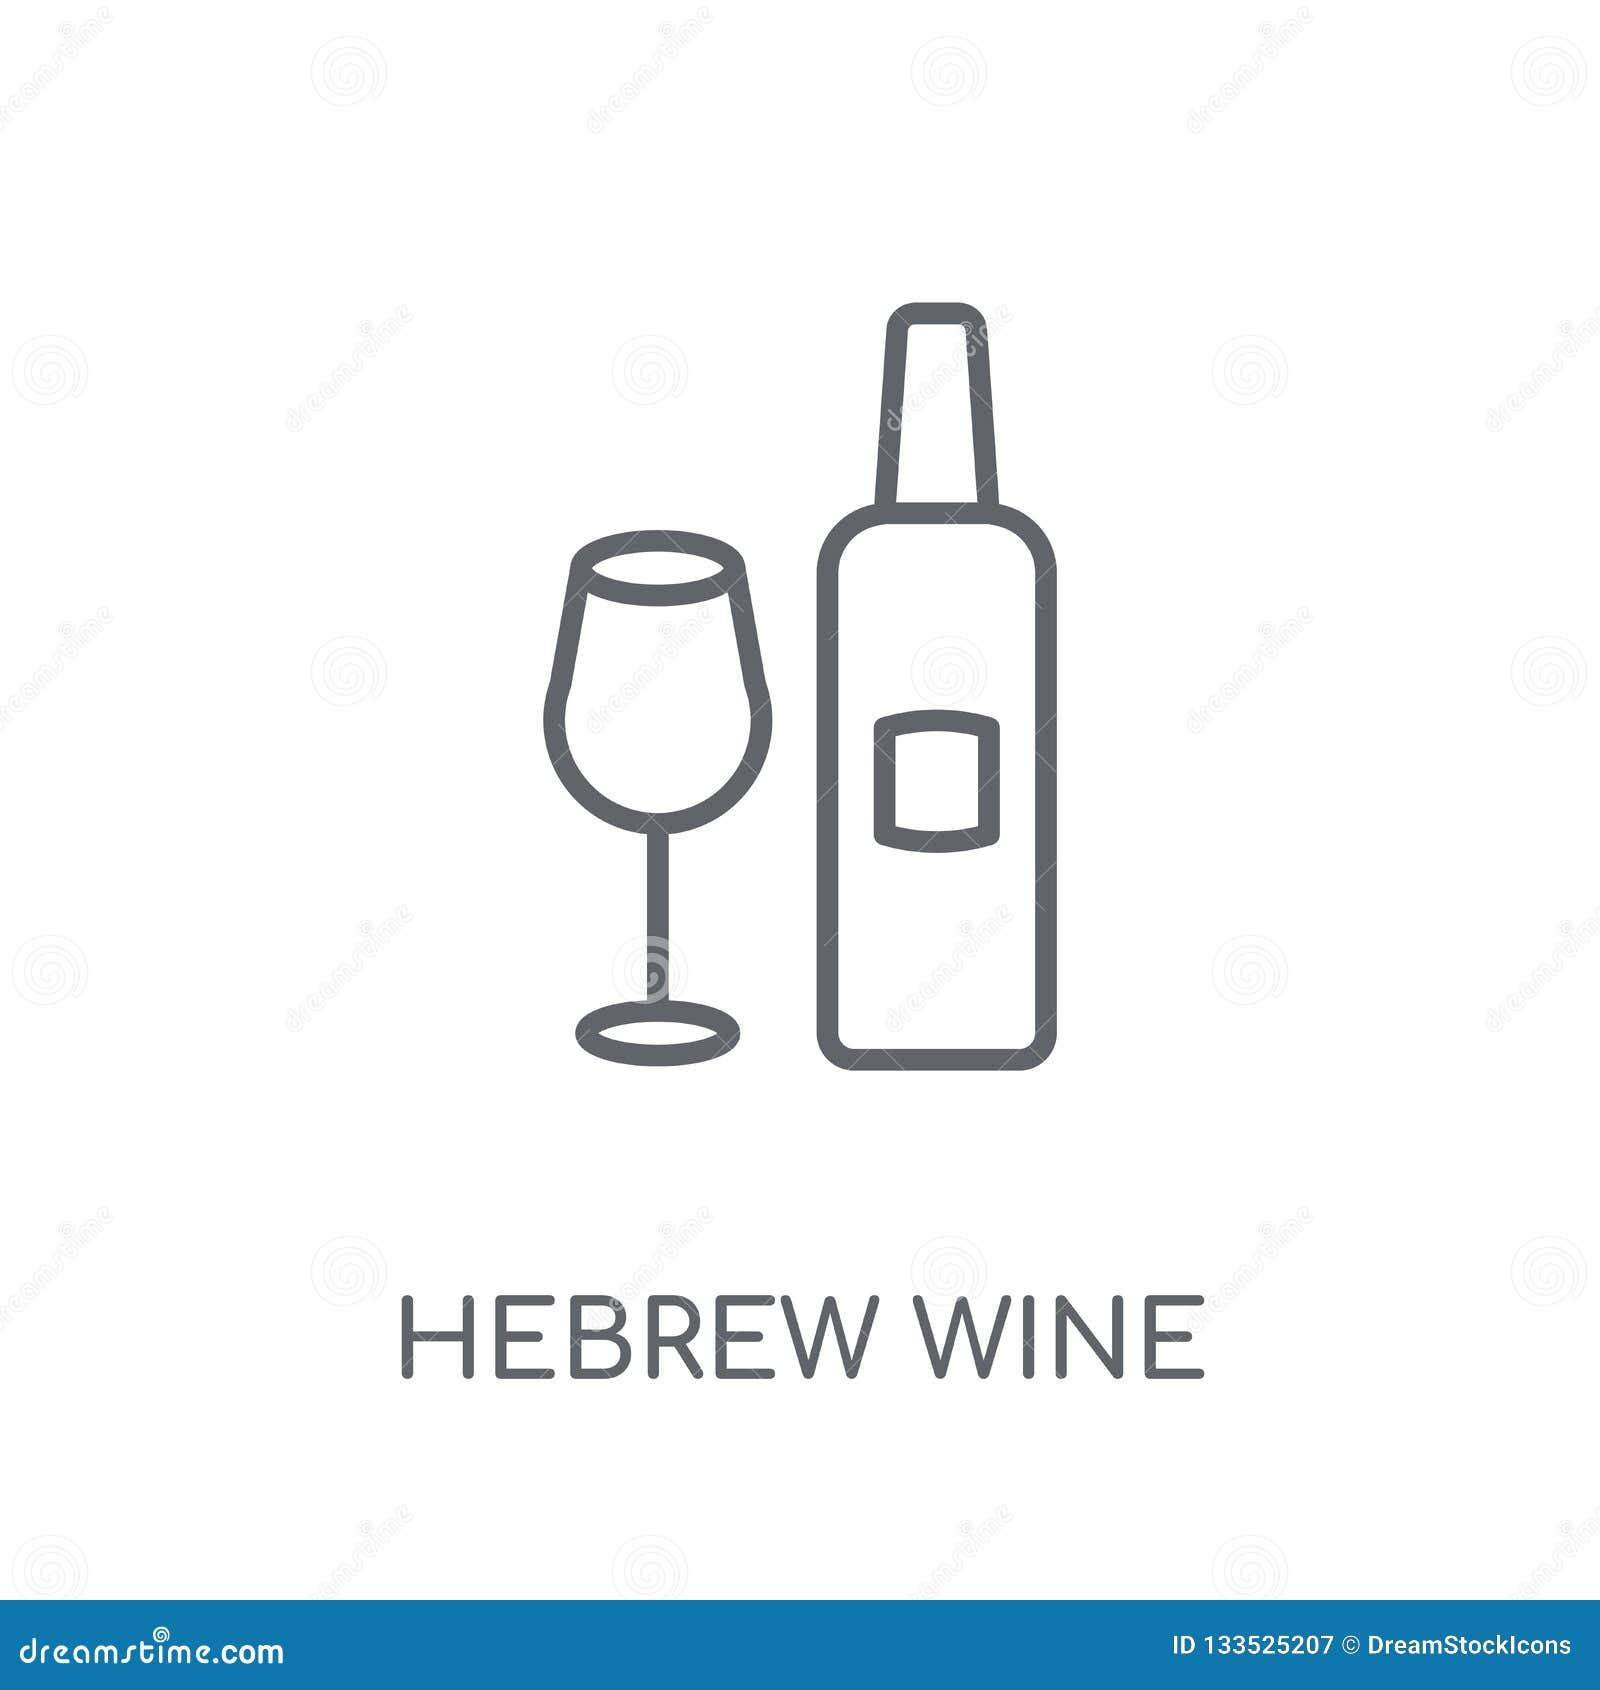 Icona lineare del vino ebraico Concetto ebraico di logo del vino del profilo moderno